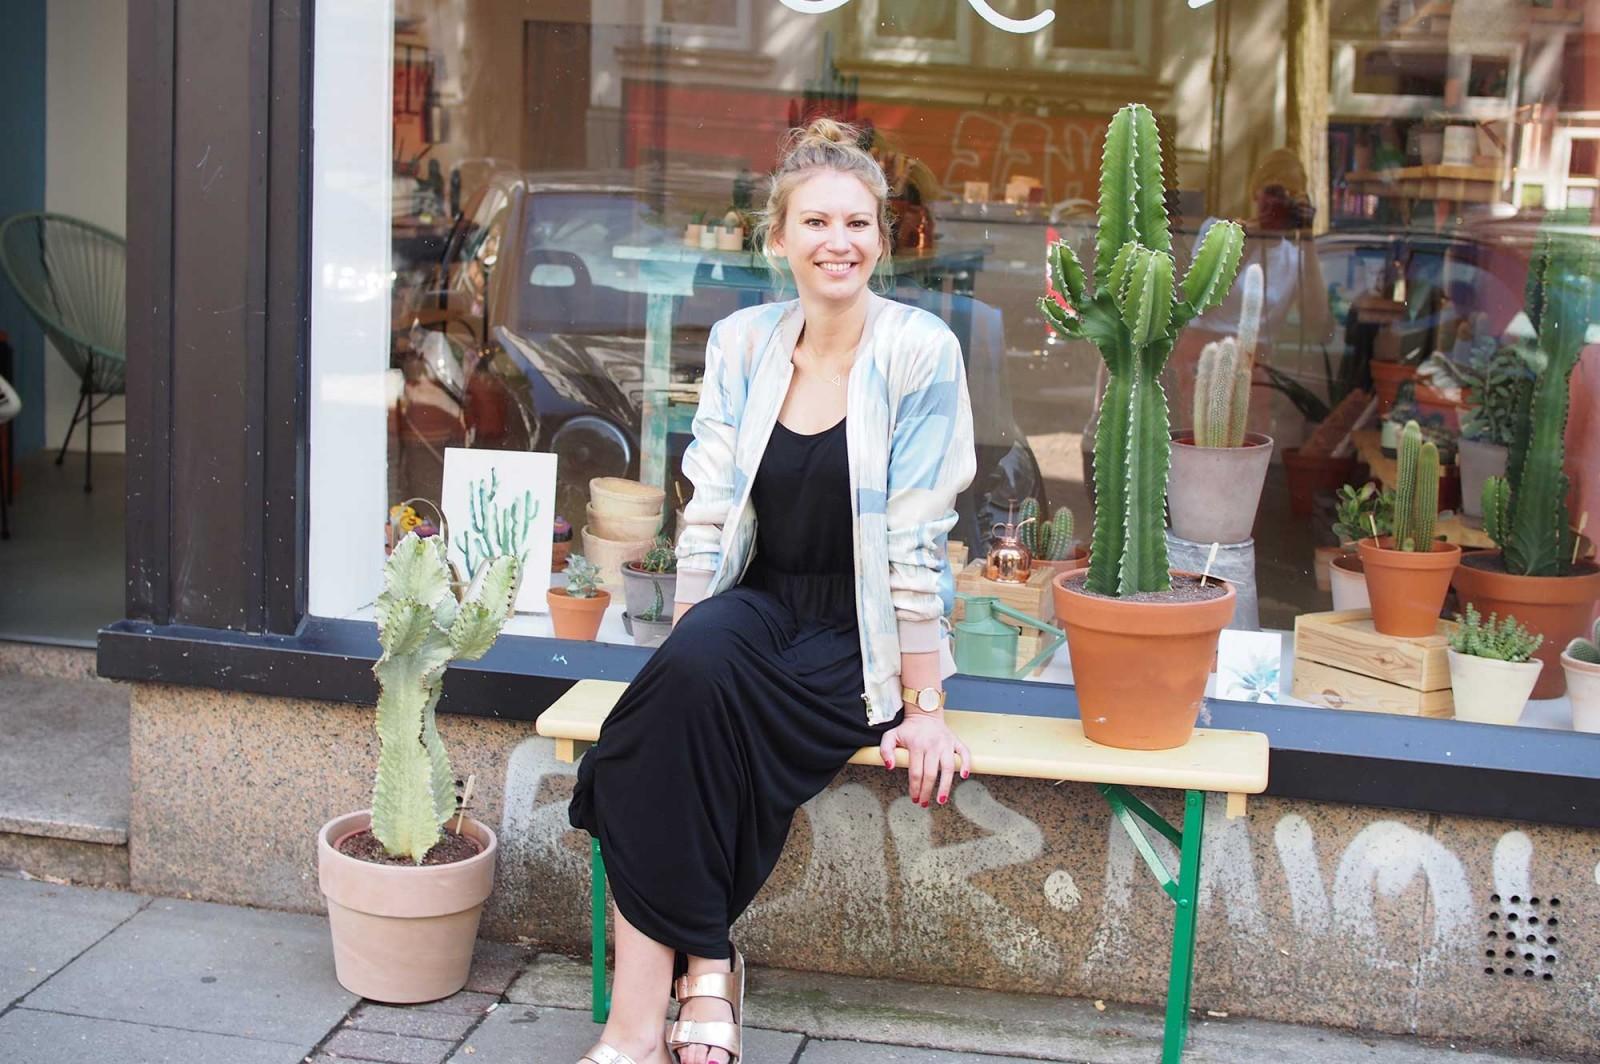 Kleiner-Kaktus-Shop-800x532@2x